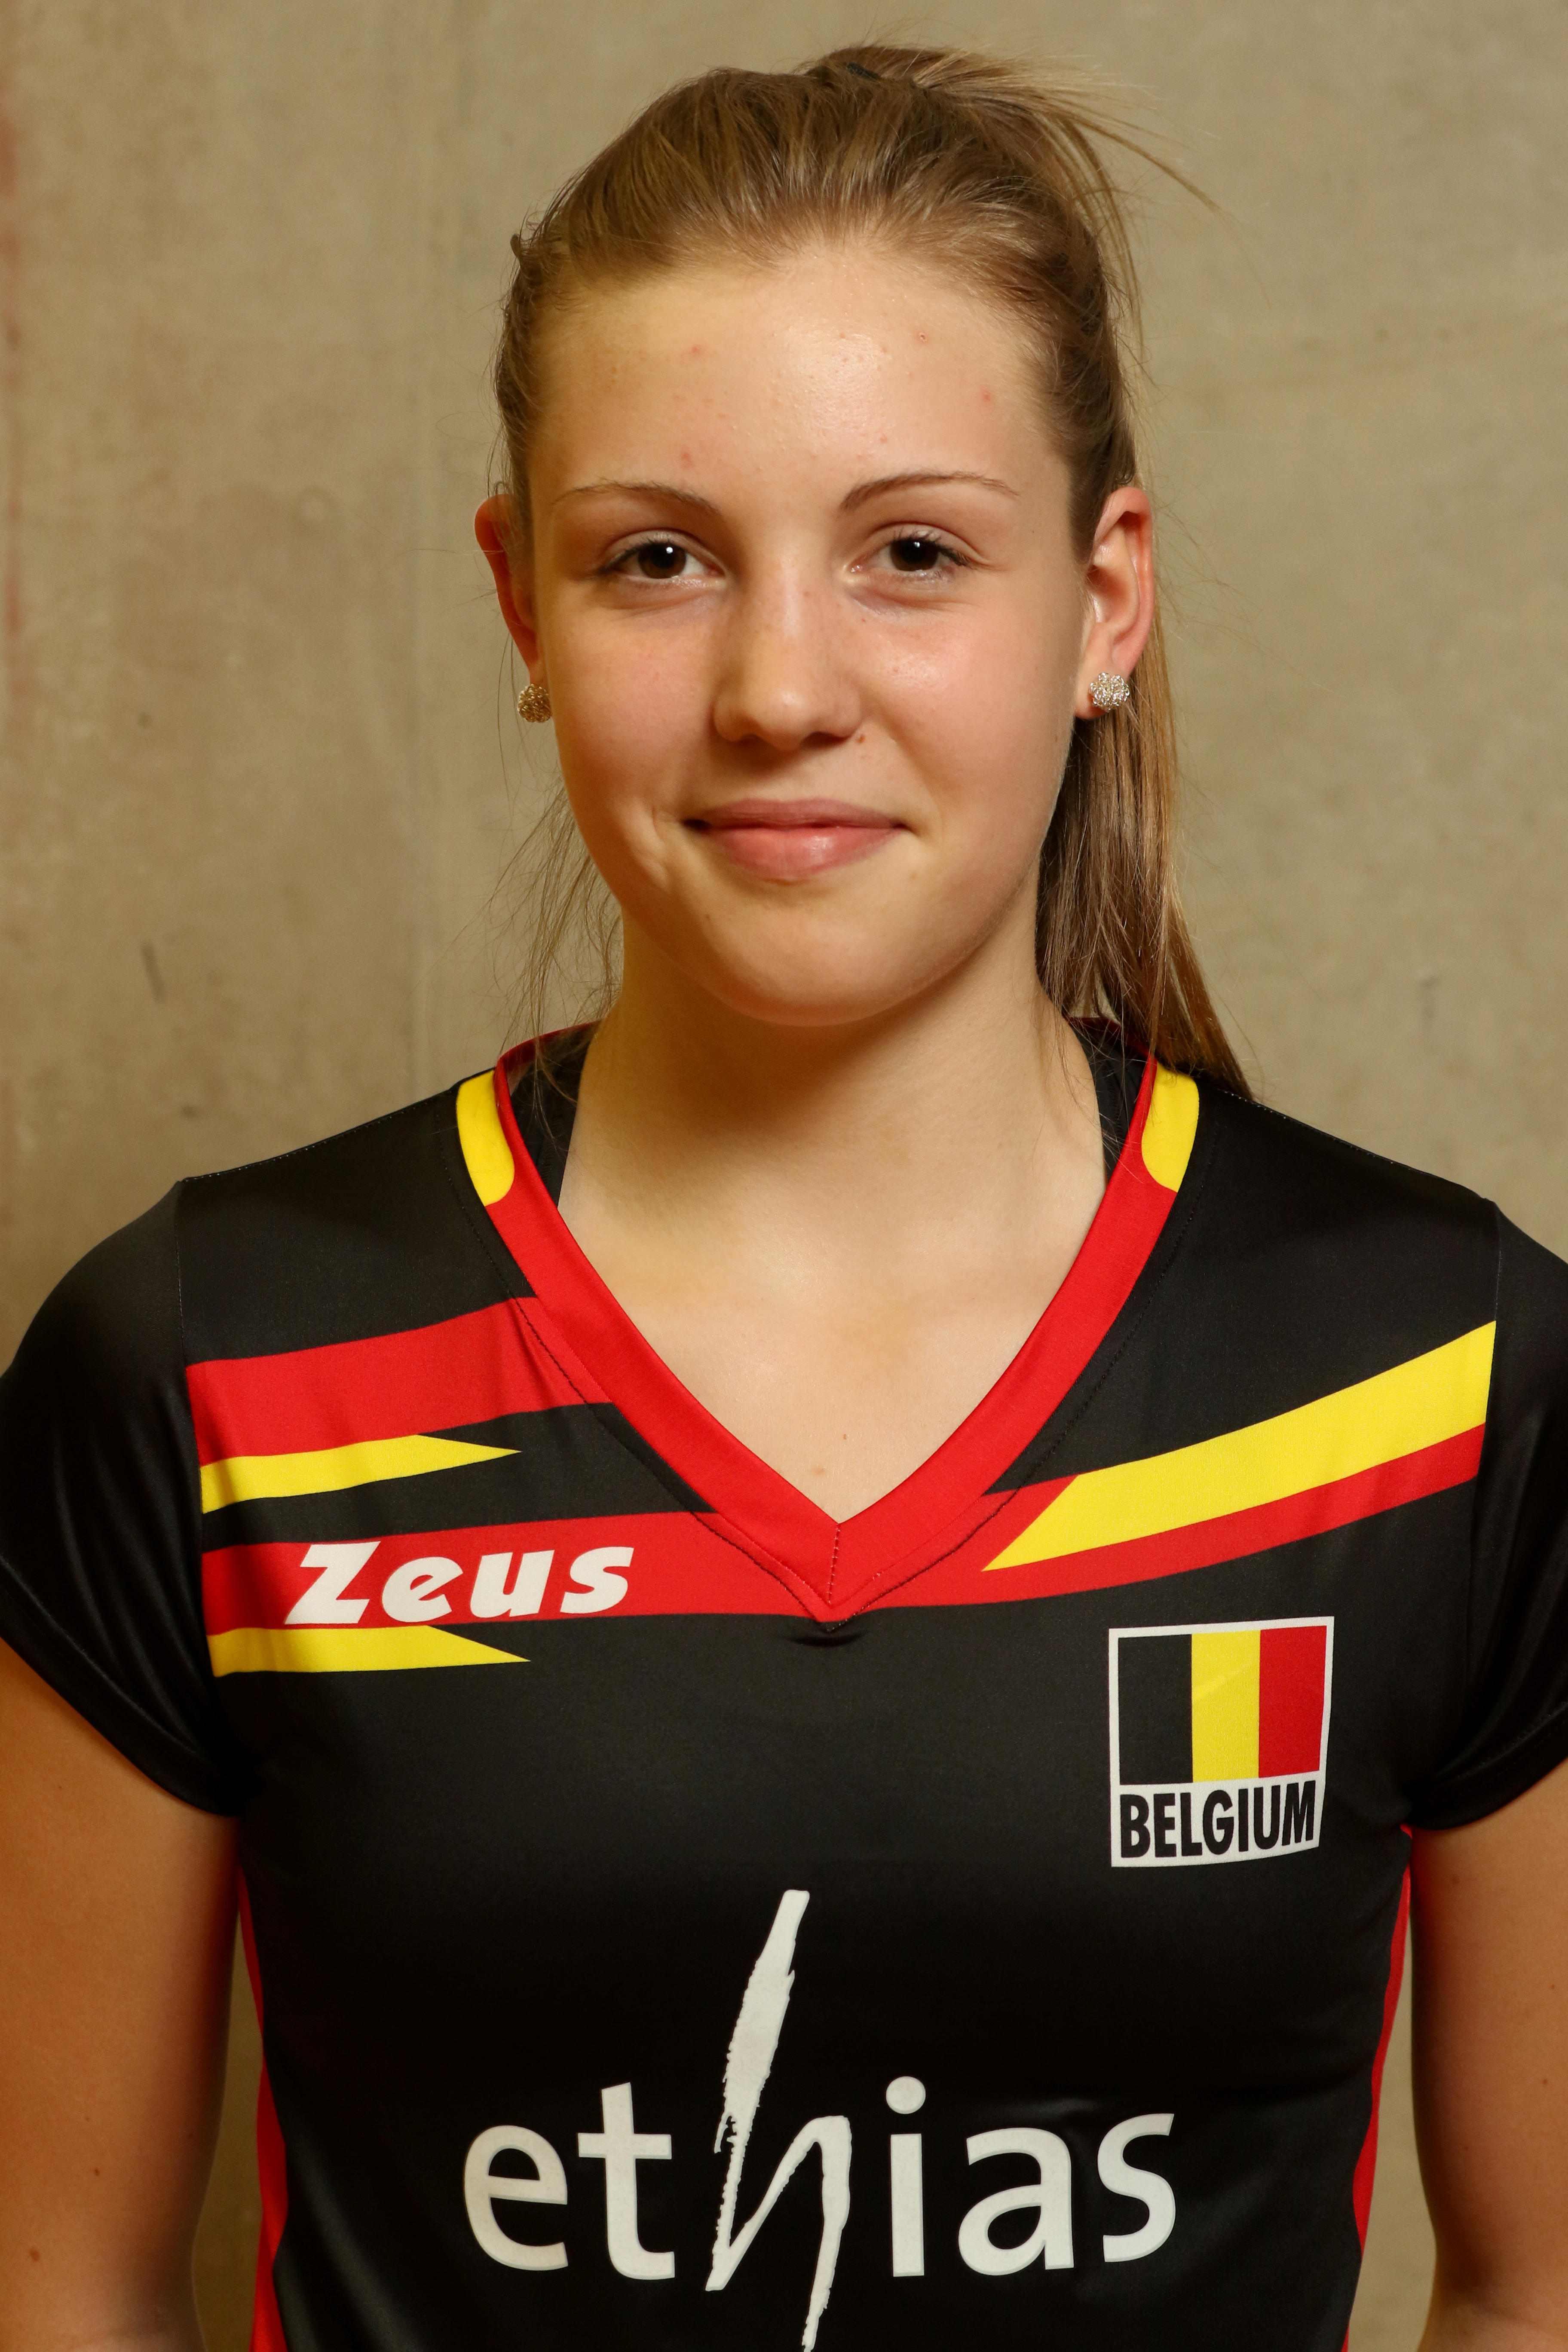 Celine Van Gestel